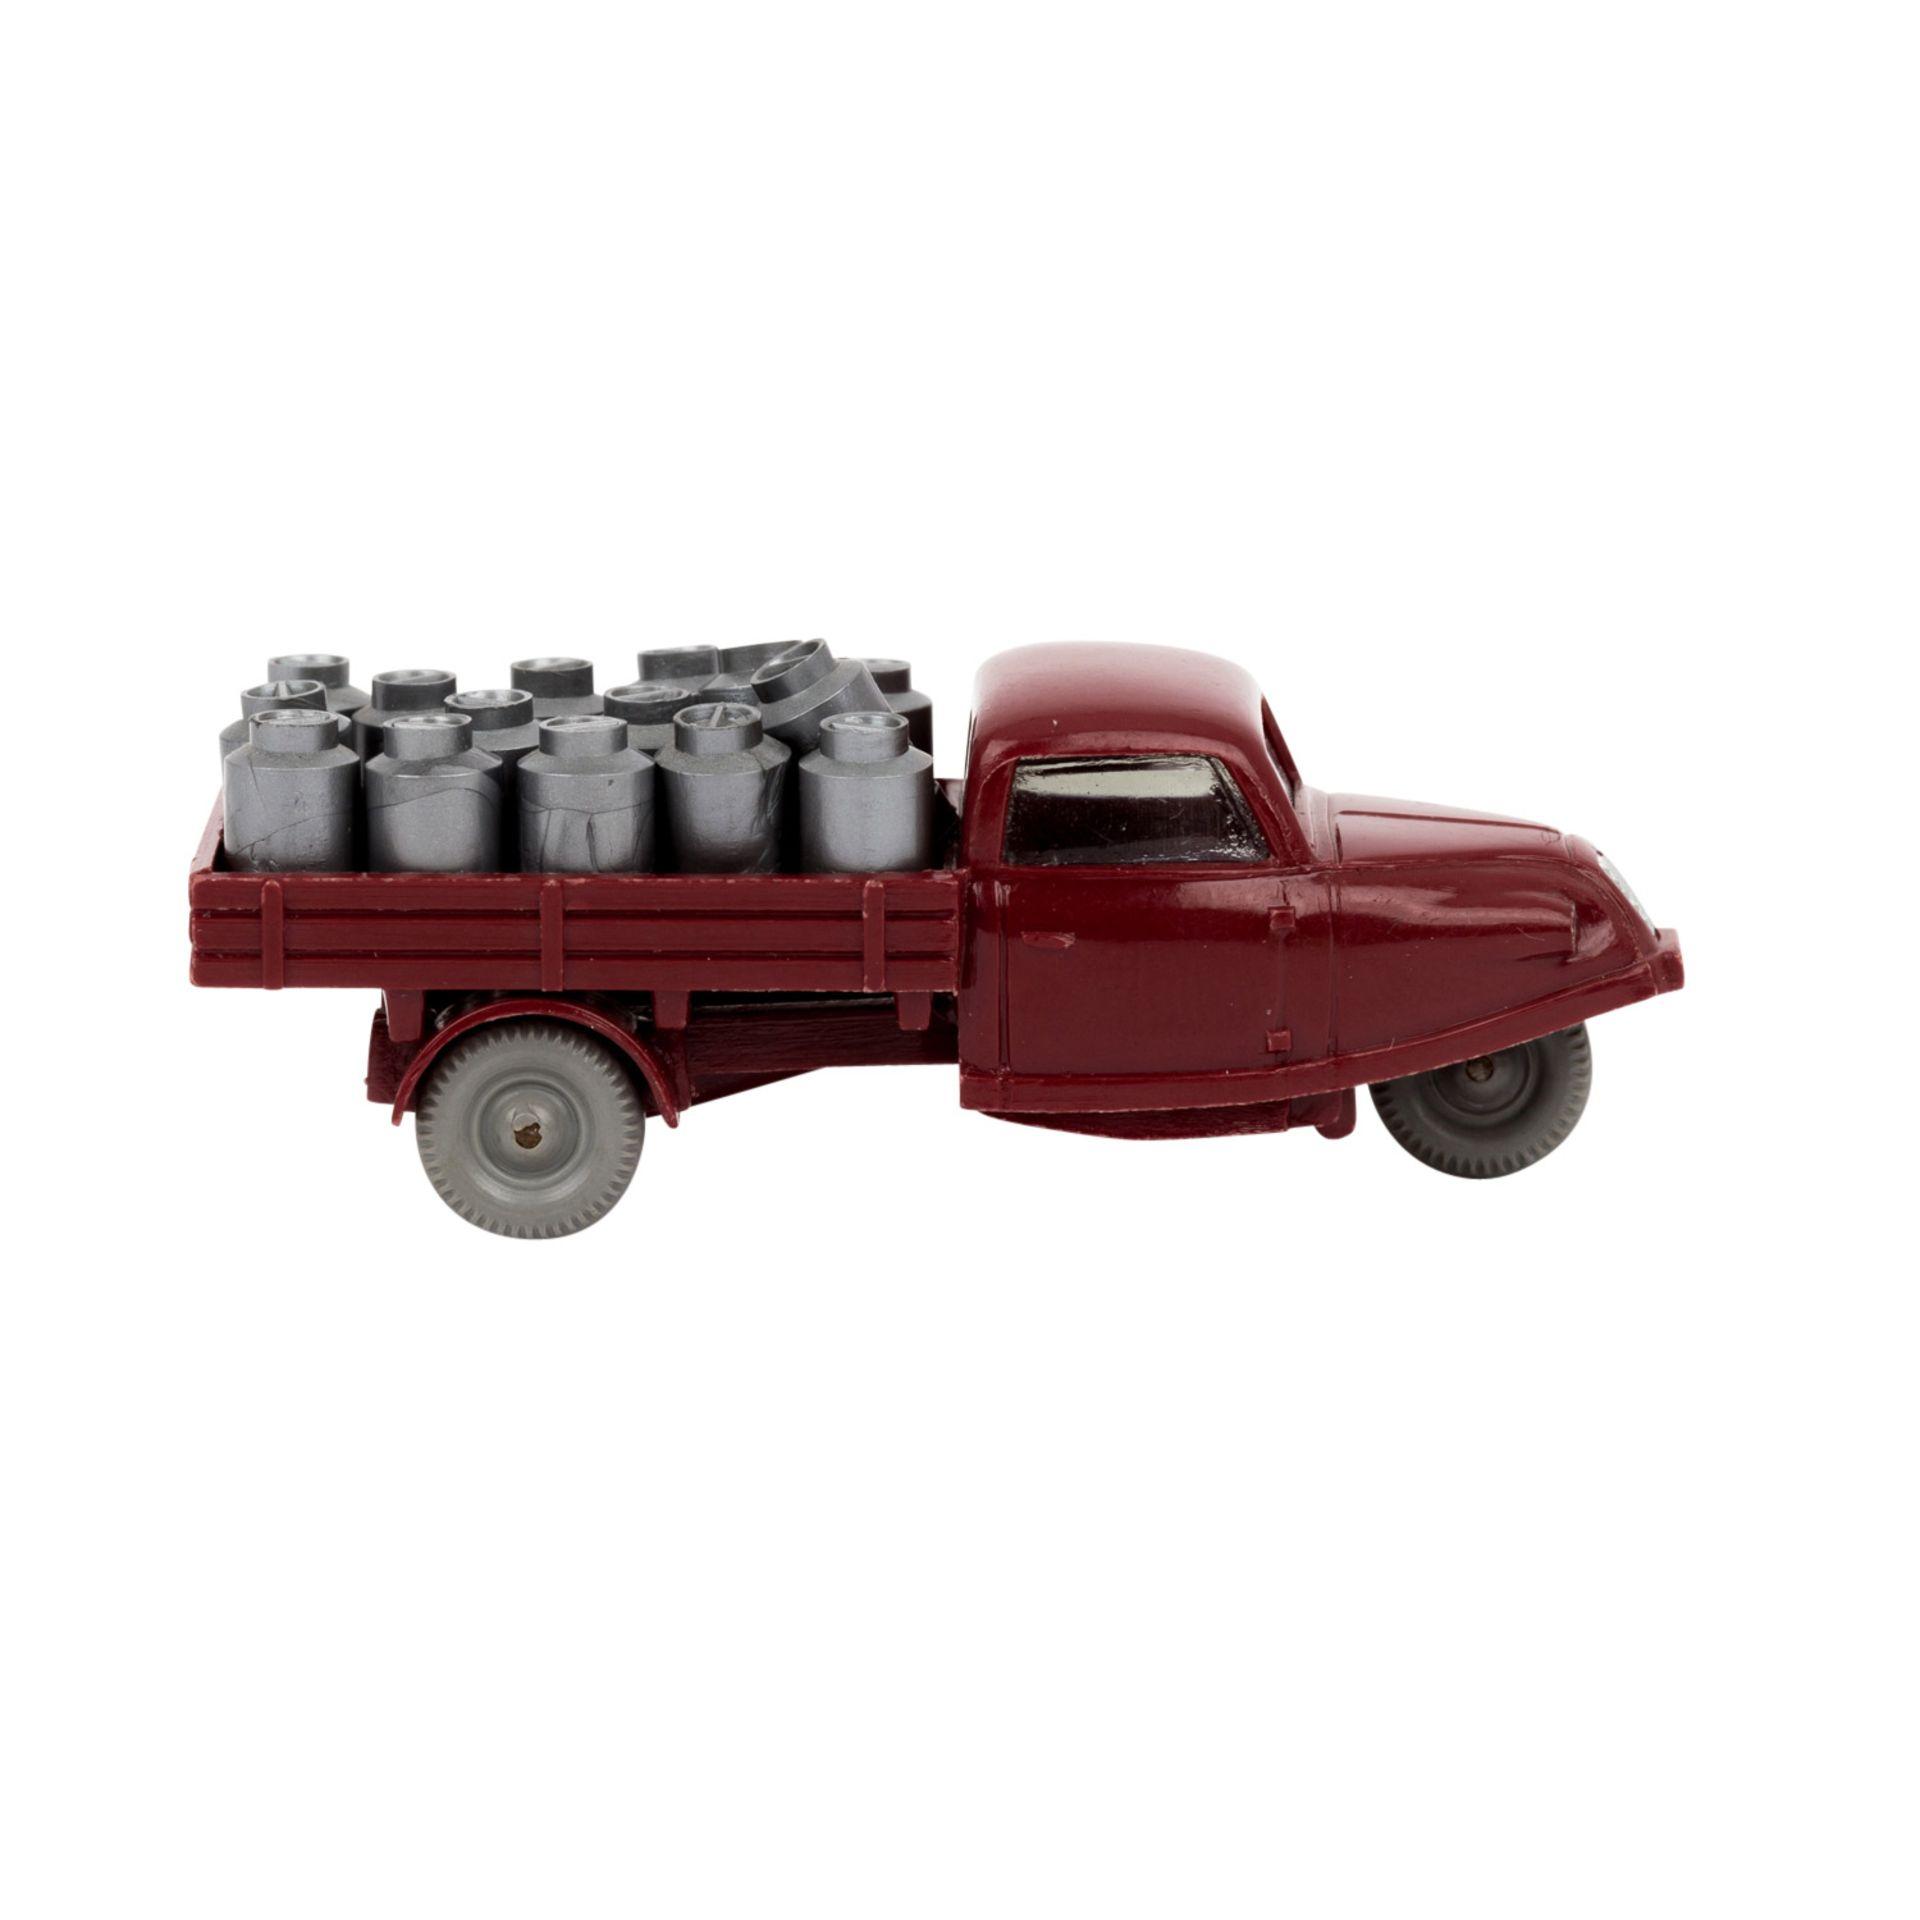 """WIKING Goli-Dreiradwagen 1959-64,weinrote Karosserie, Bodenprägung """"WM"""" , Grill, Sche - Image 4 of 6"""